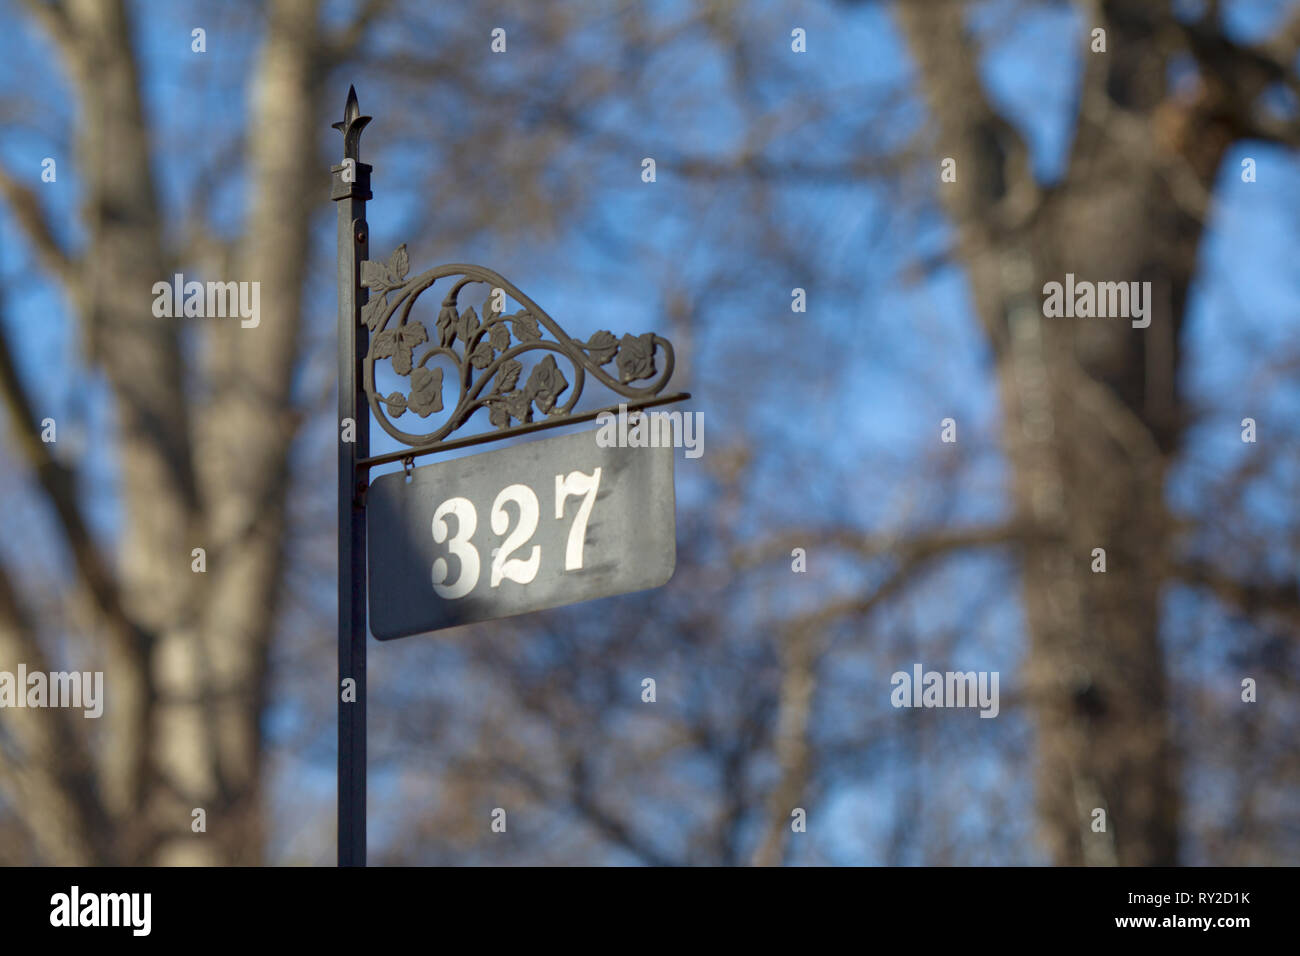 Hauesnuemmernschild mit der Nuemmer 327 vor einem Haues aues den Grueenderzeiten beim THEMENBILD North Carolina, 28.01.2017, 28.01.2017 Bildnachweis:  - Stock Image